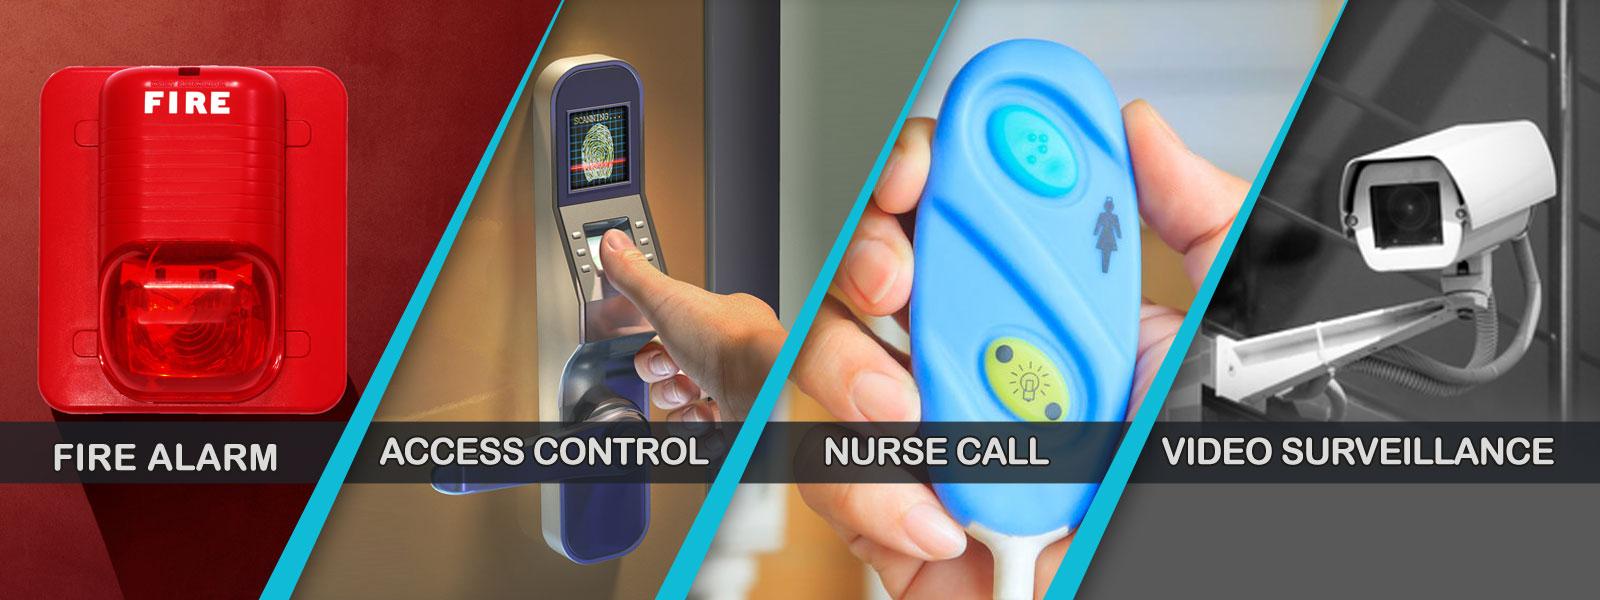 telecor nurse call installation manual